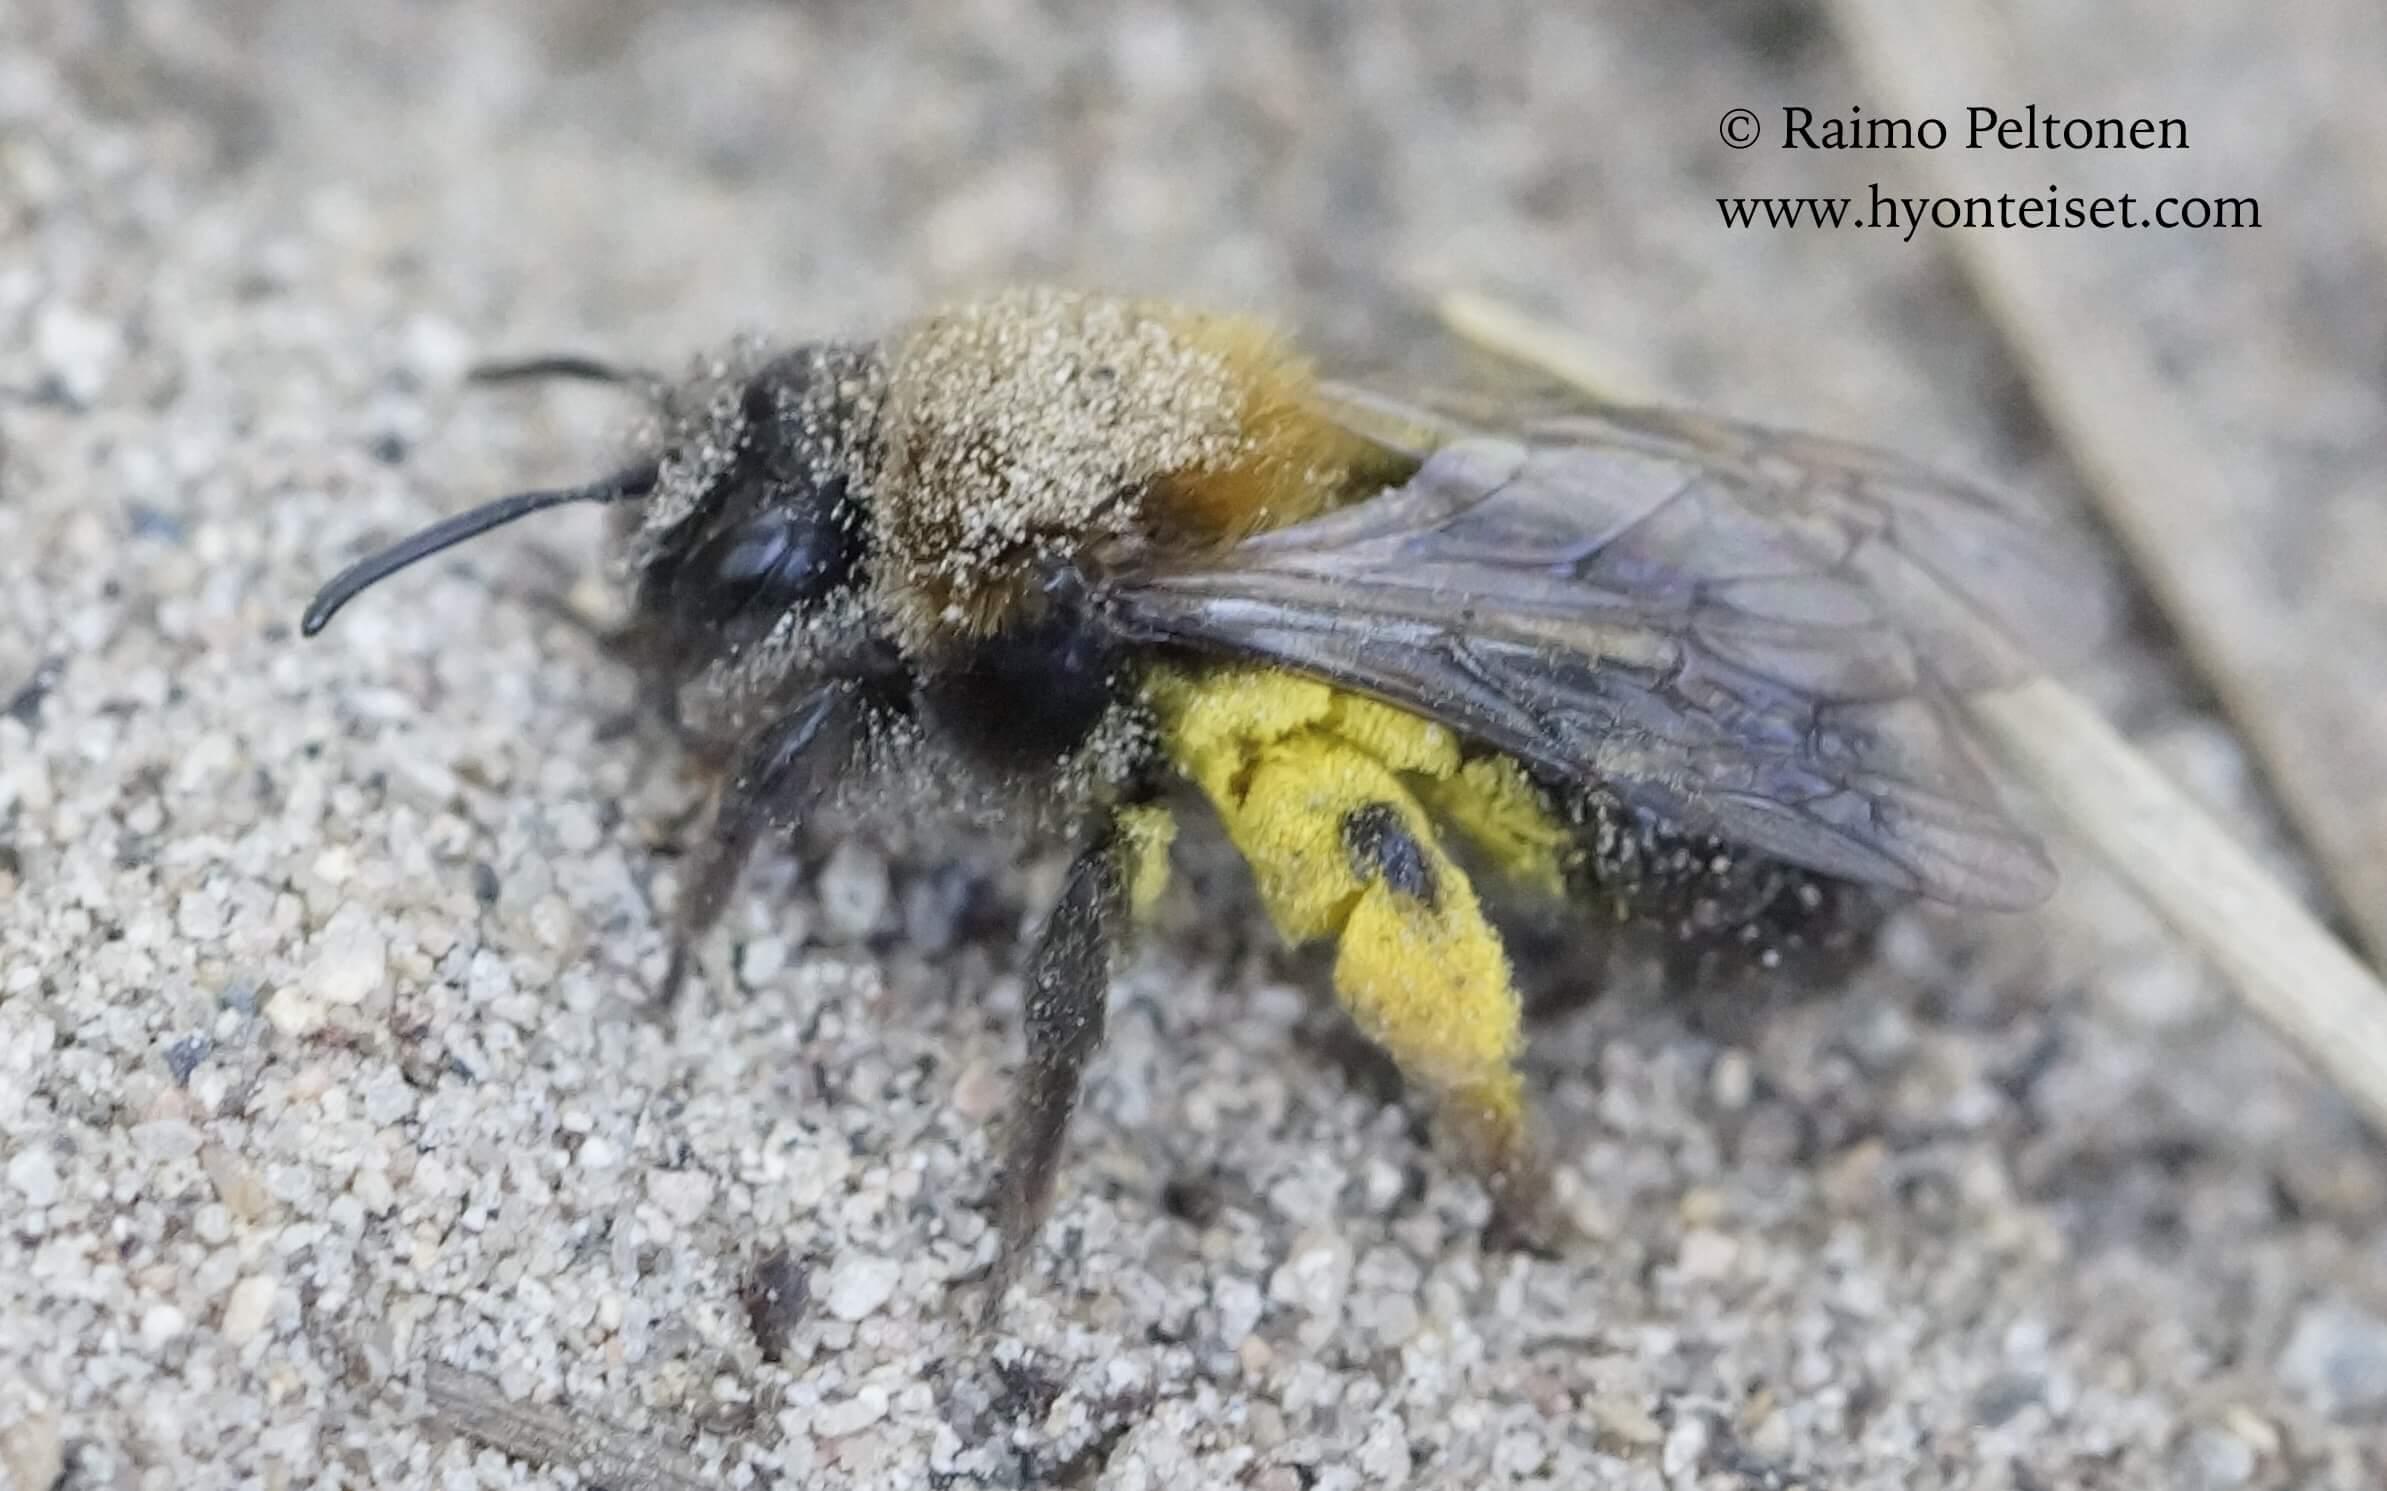 Andrena clarkella-raitamaamehiläinen, naaras (det. Juho Paukkunen), 12.5.2016 Jyväskylä